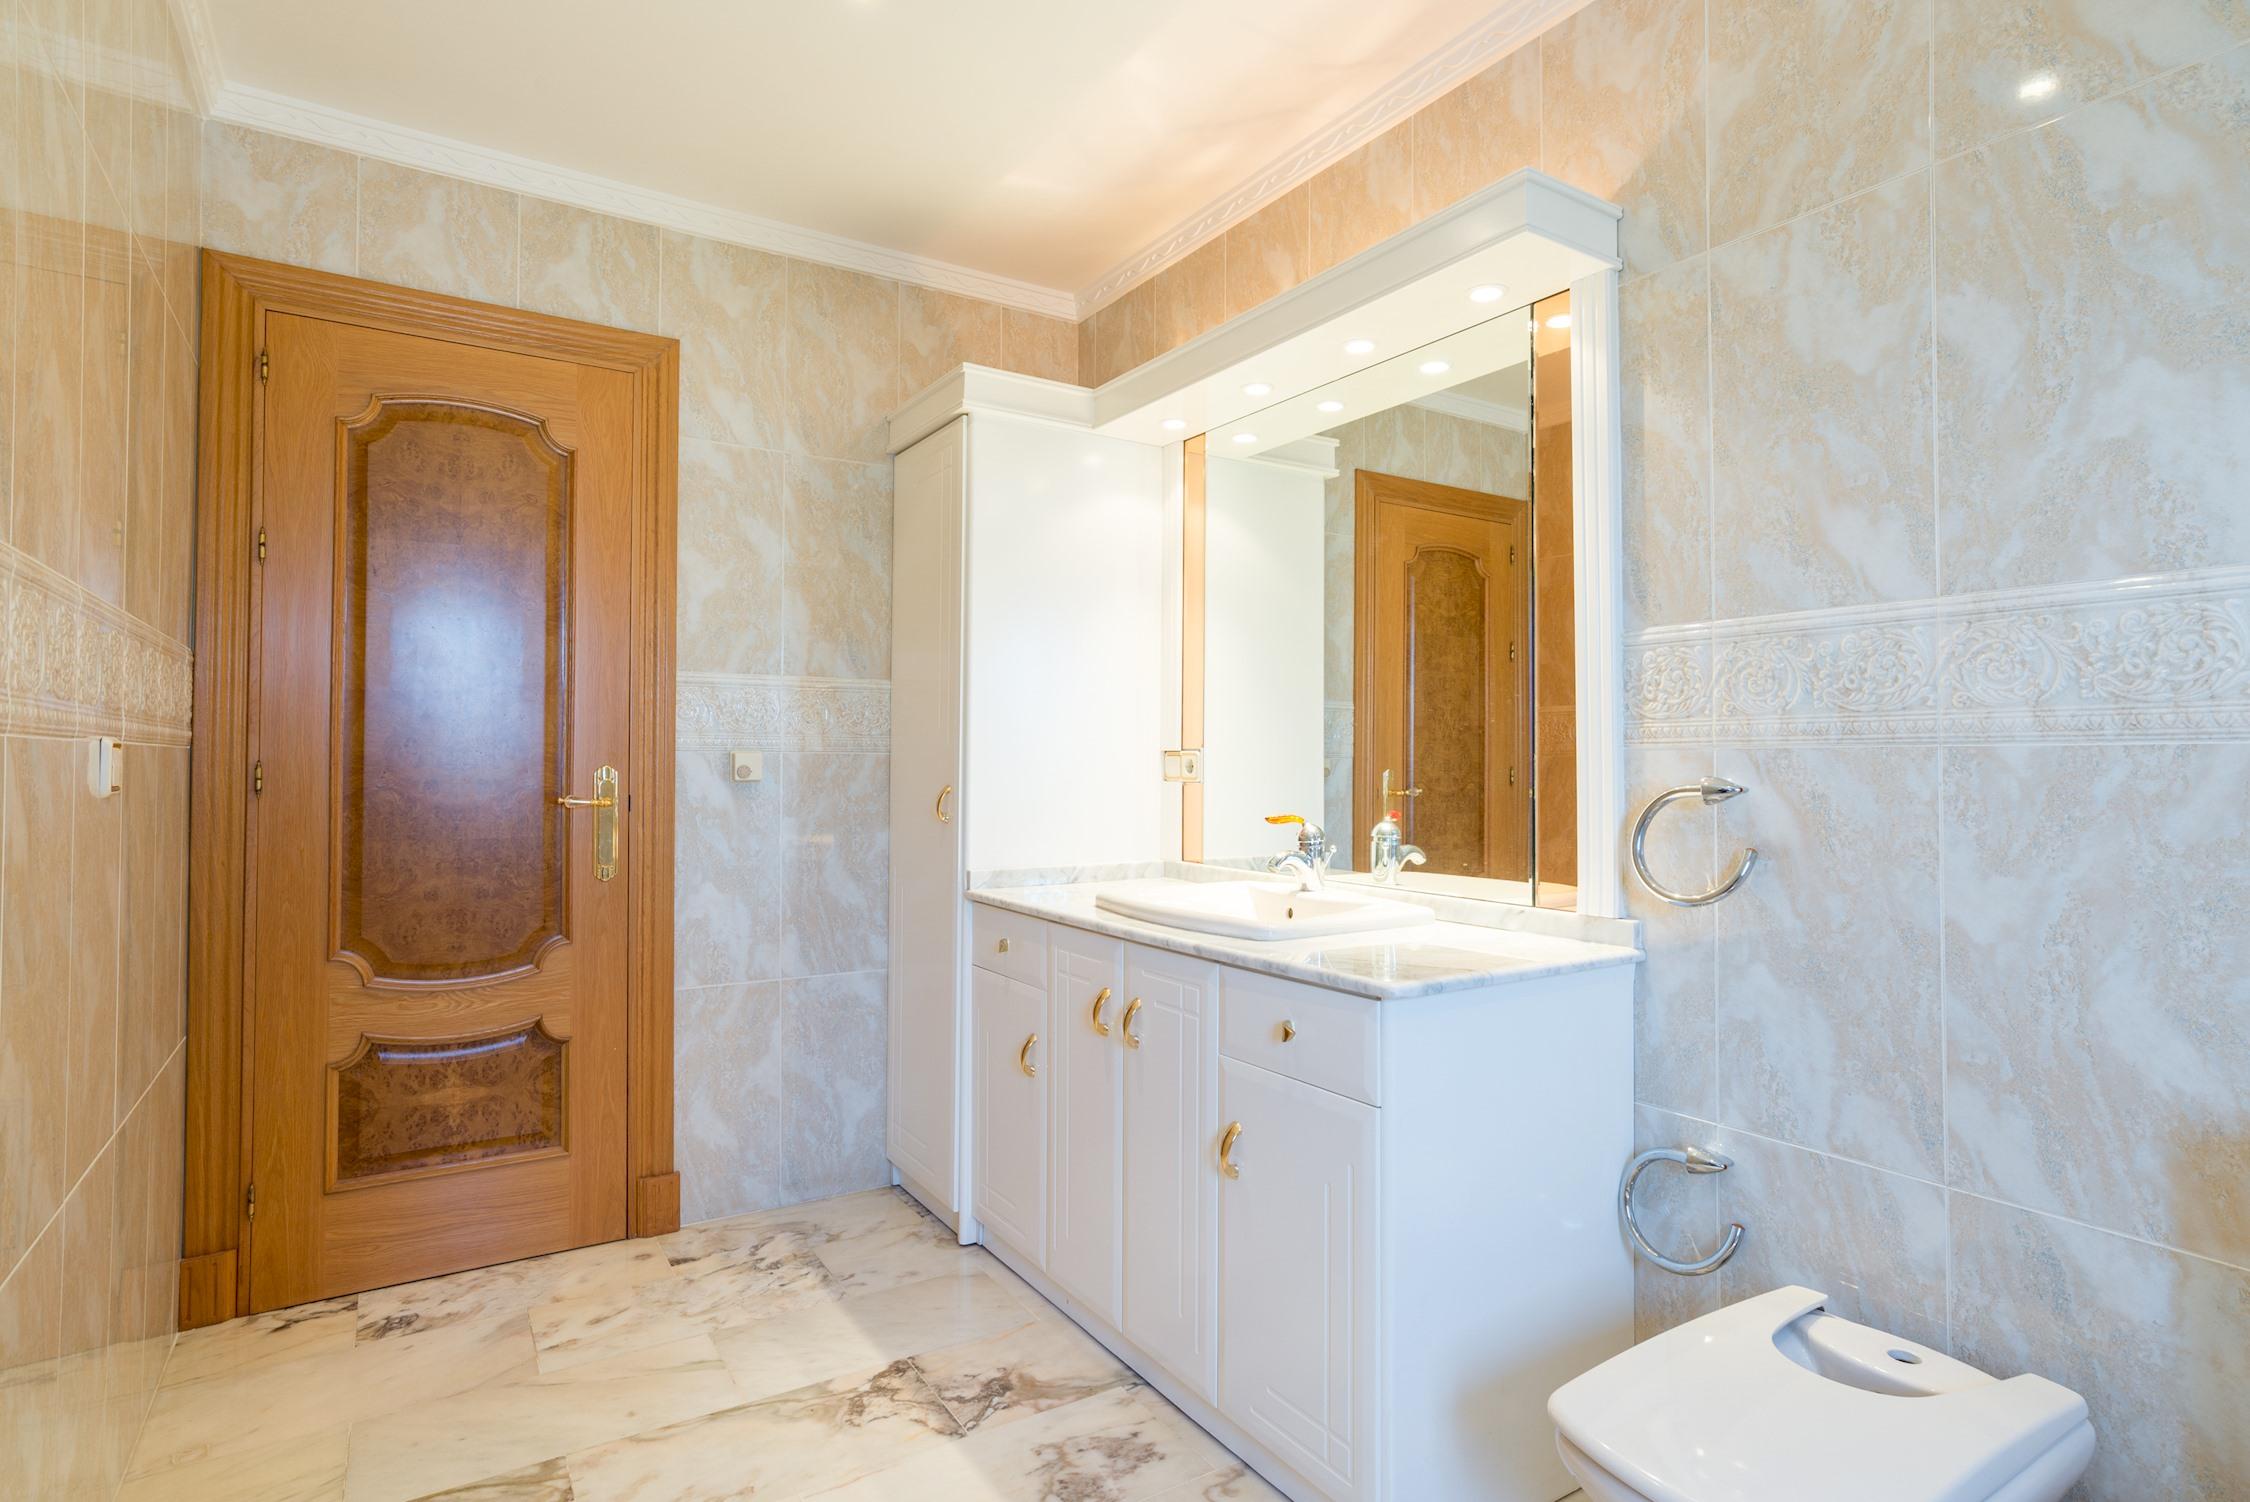 Apartment MalagaSuite Fancy House photo 20506910